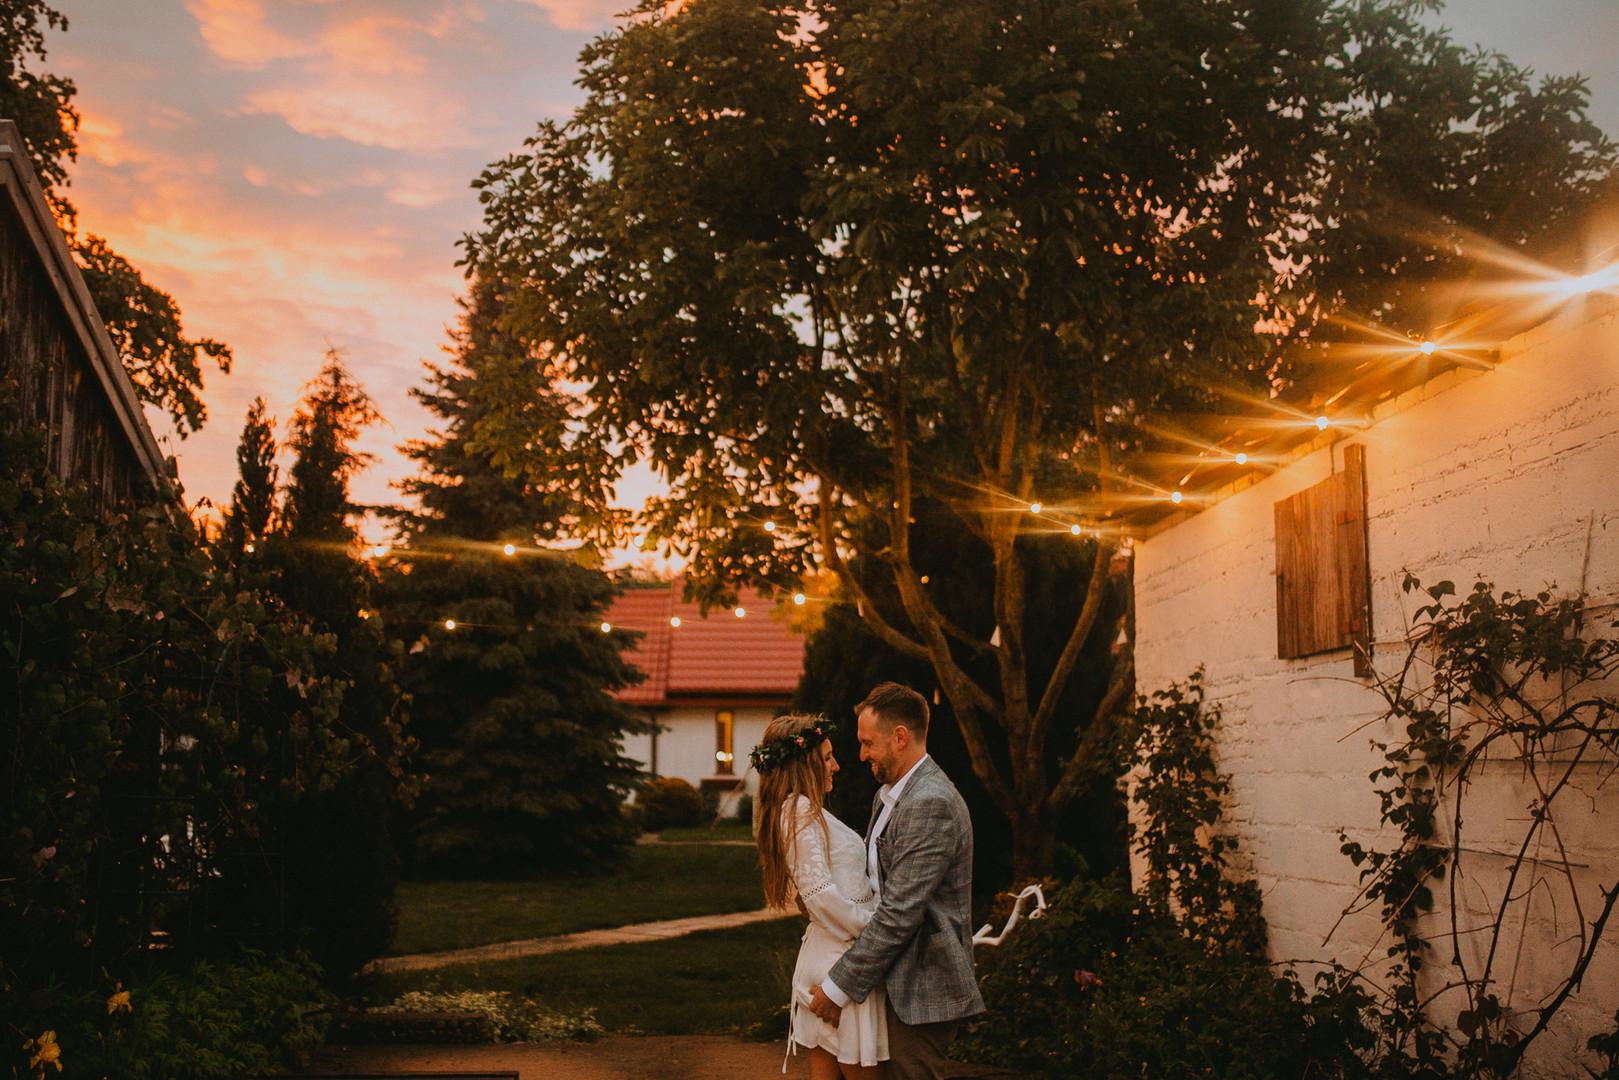 Dom w przepitkach po zachodzie słońca